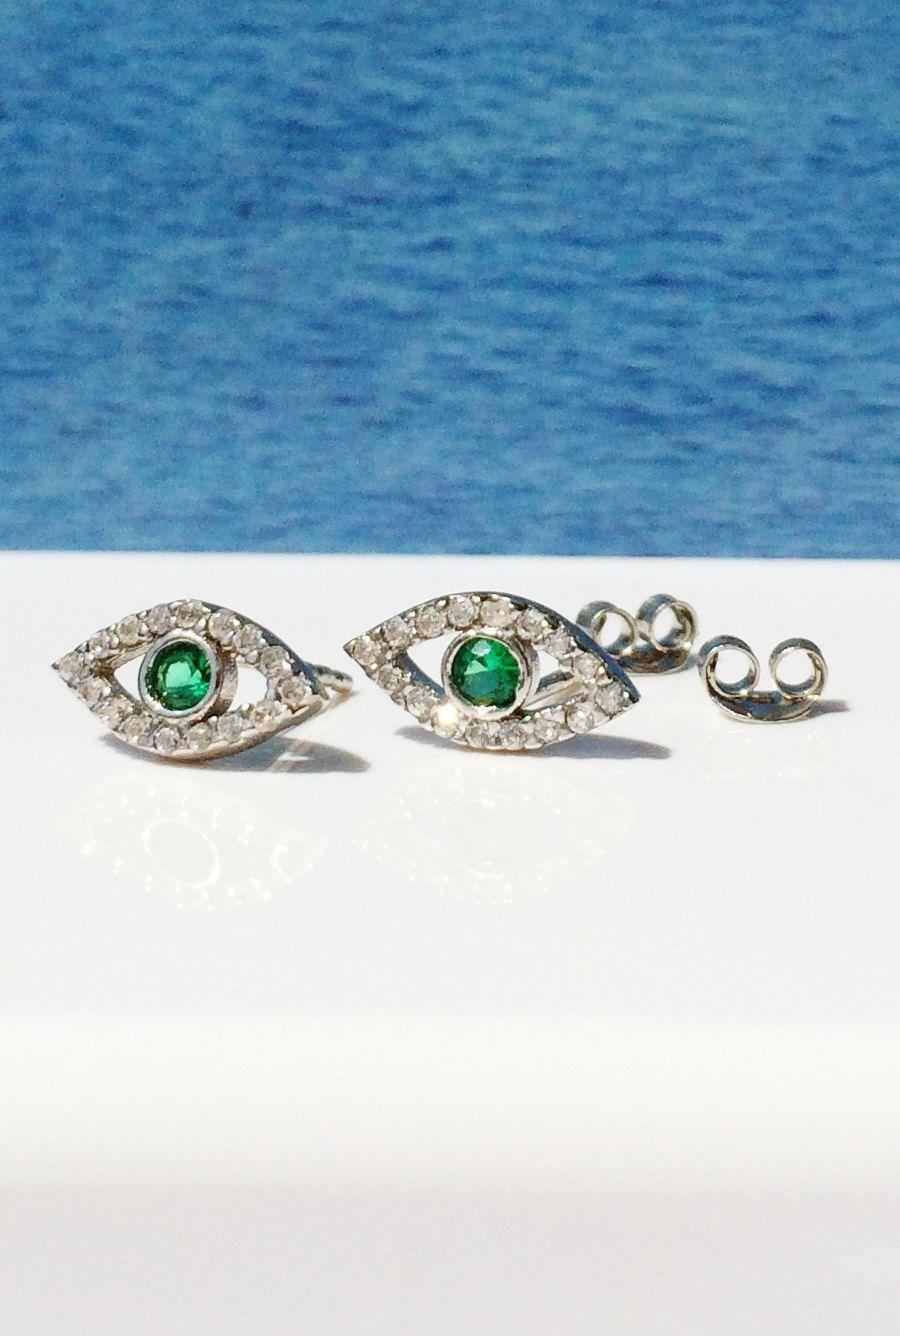 eye earrings, evil eye earrings, charm earrings, stud earrings, tiny earrings, silver earrings by LuckyCharmsUSA on Etsy